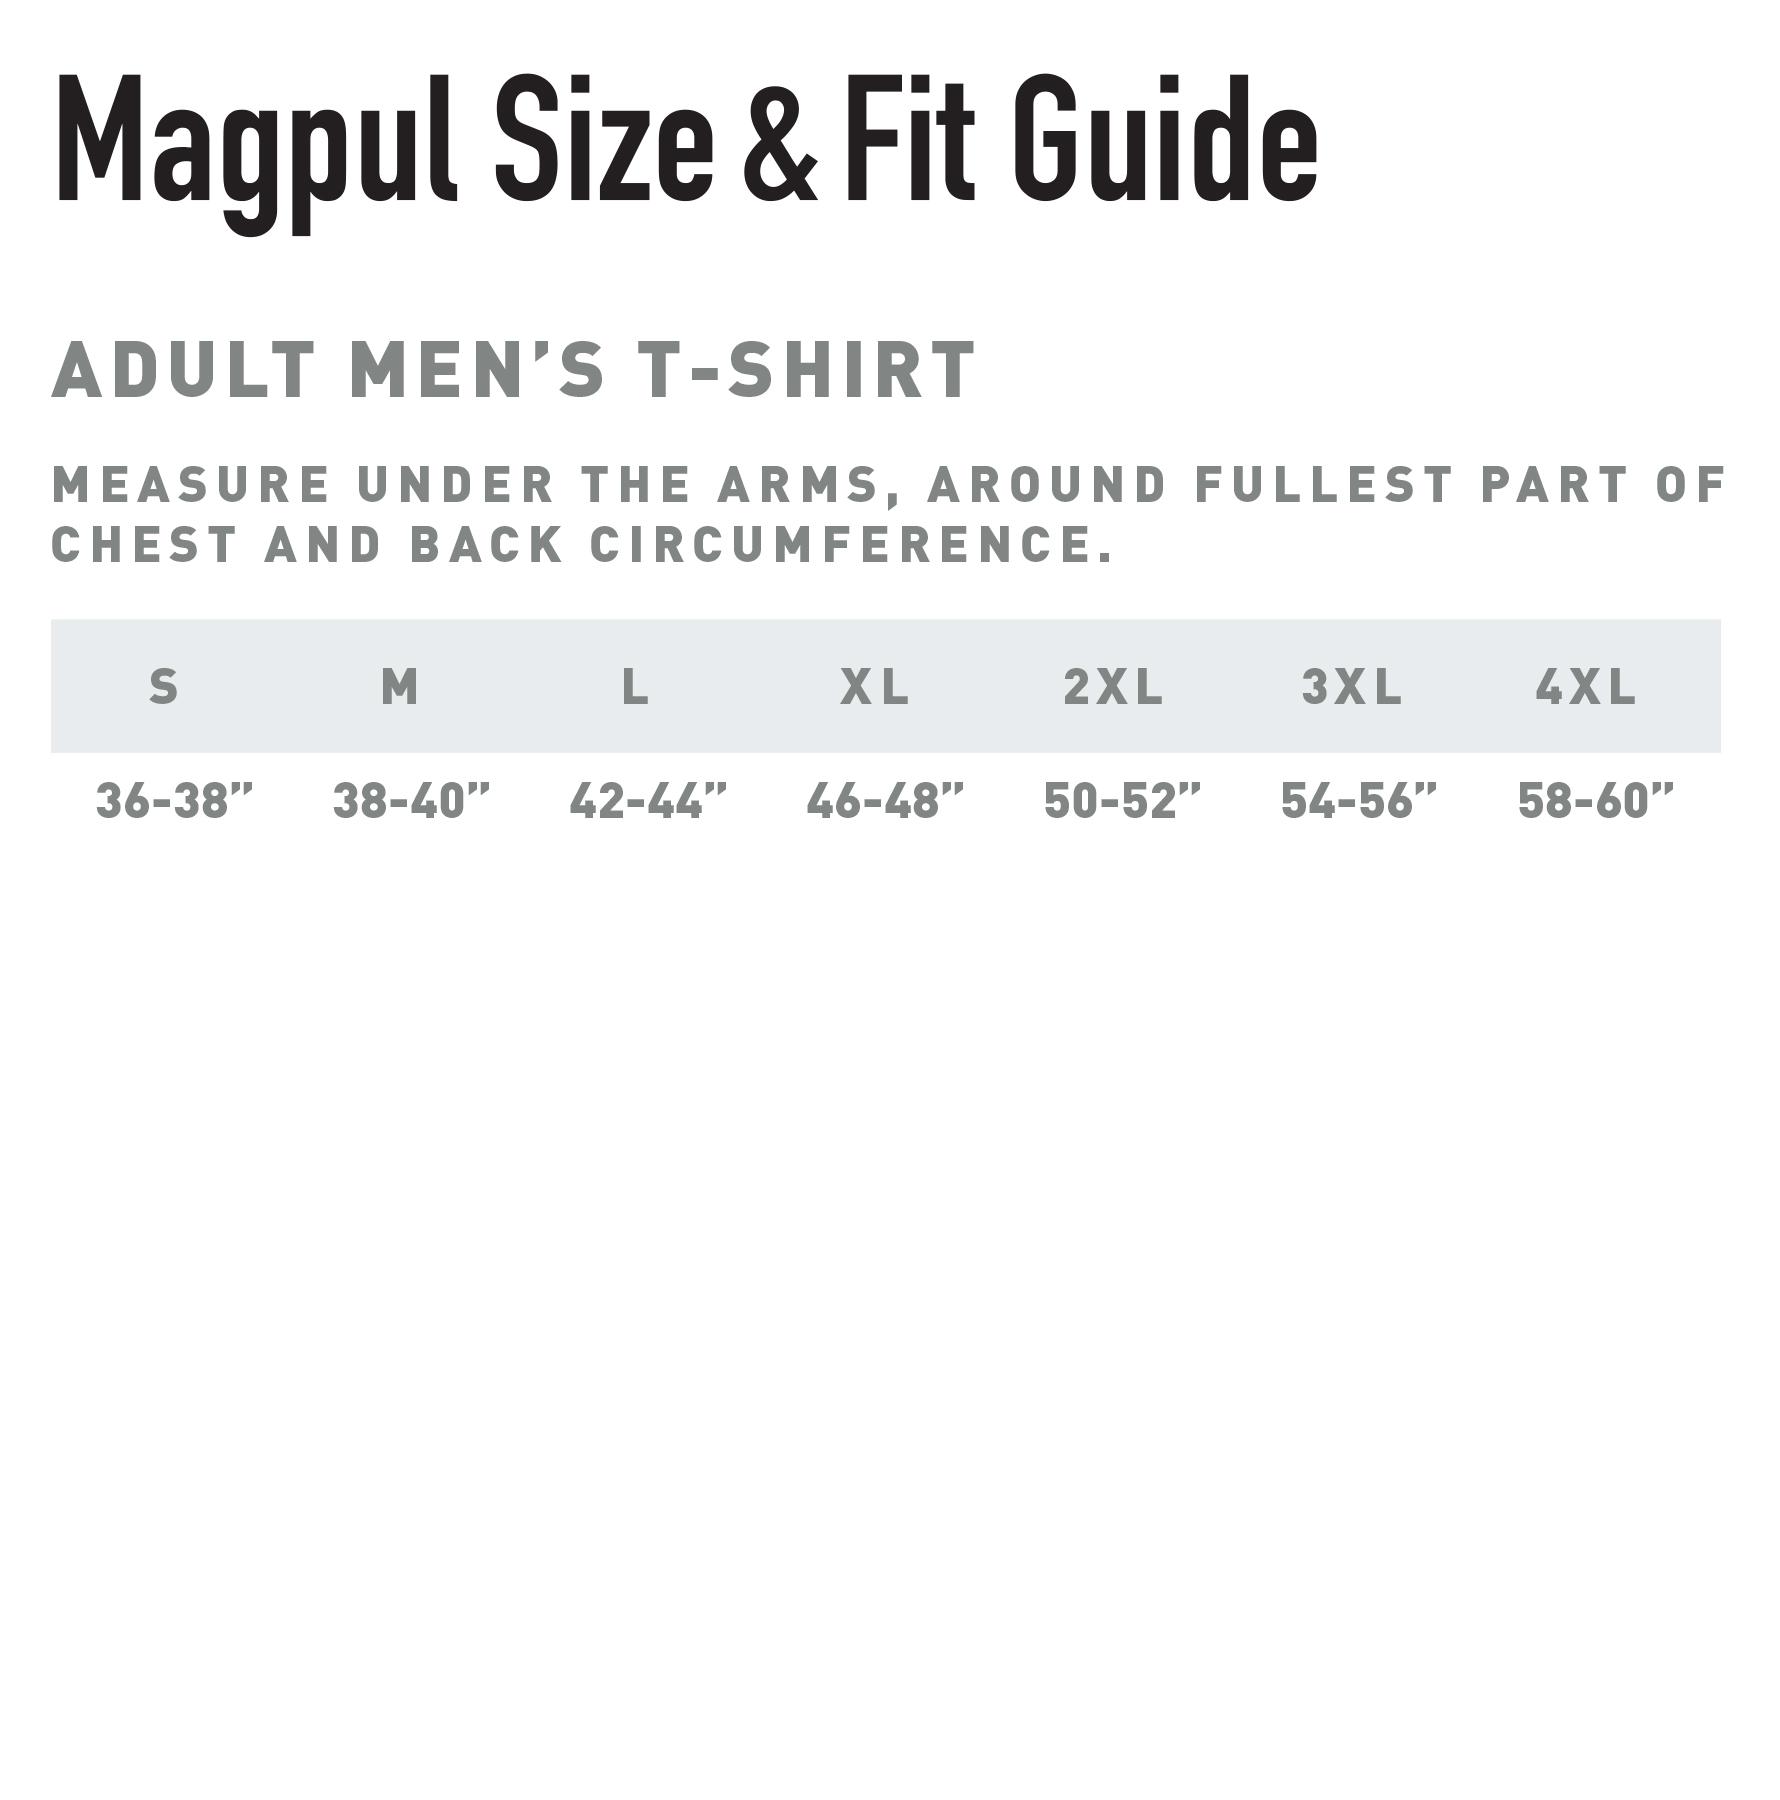 Magpul Mens T-shirt size chart